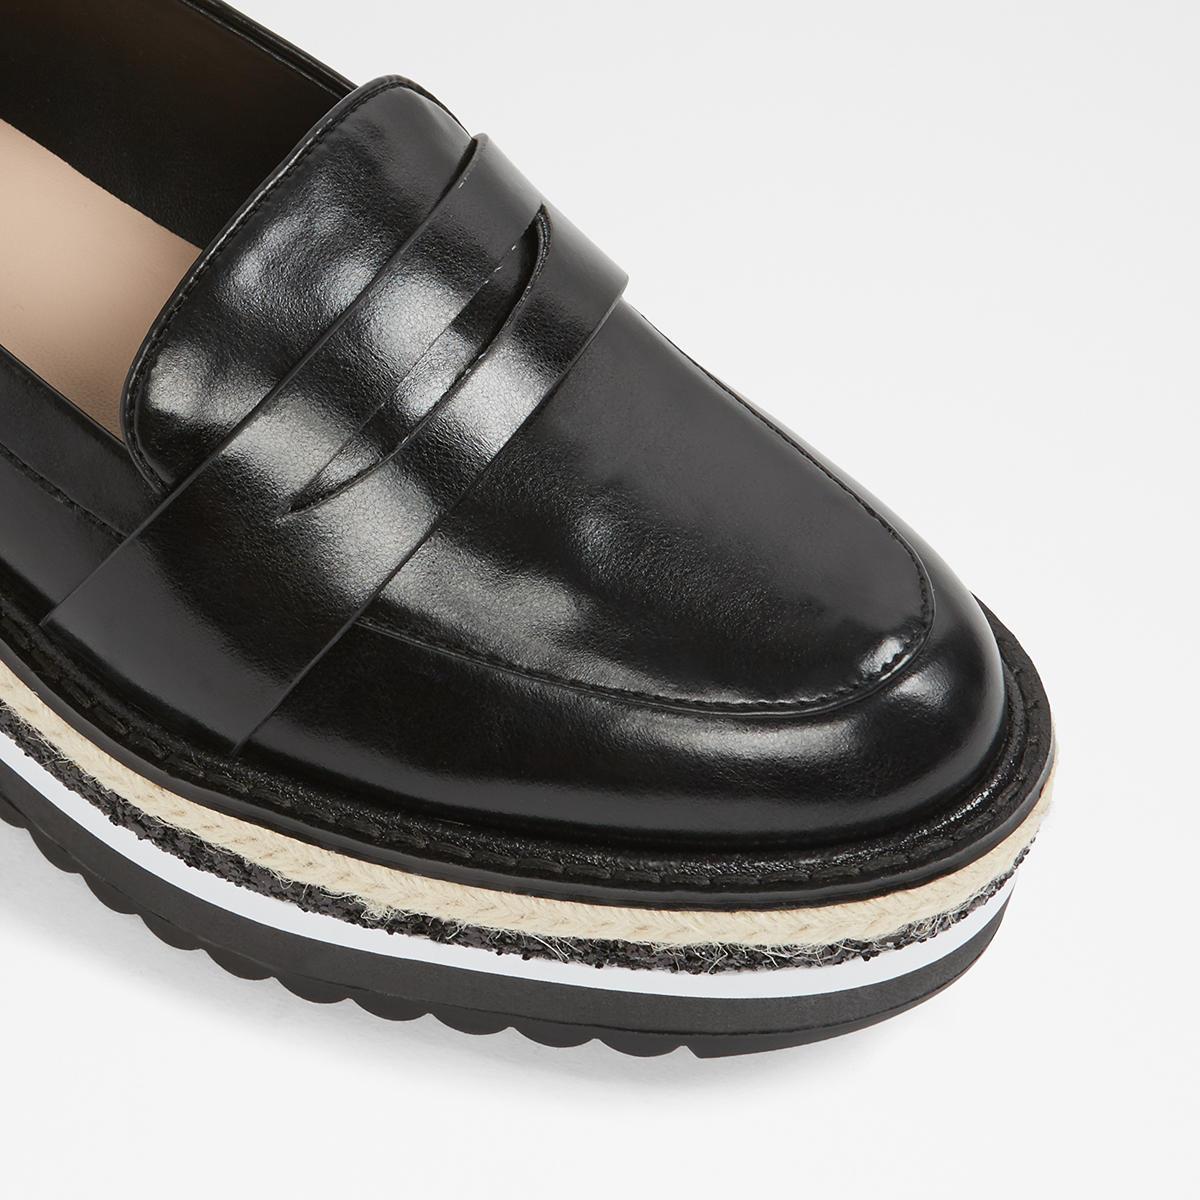 1e01c5d4a97 Ibaresen Black Women s Heels